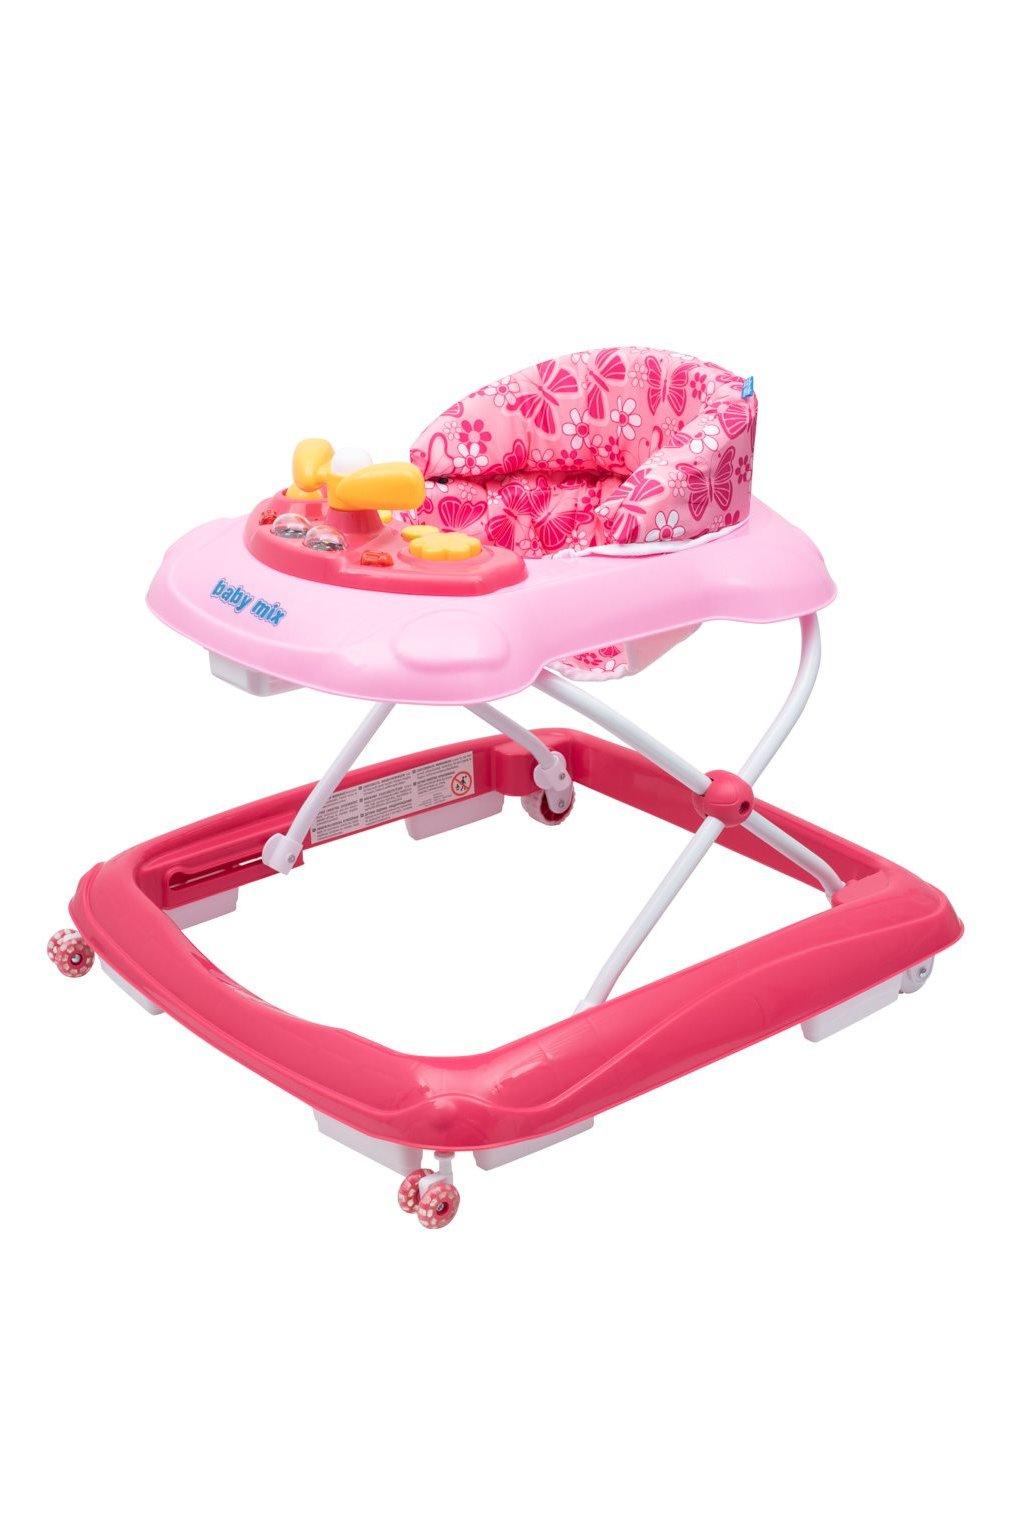 Detské chodítko Baby Mix s volantom a silikónovými kolieskami ružové